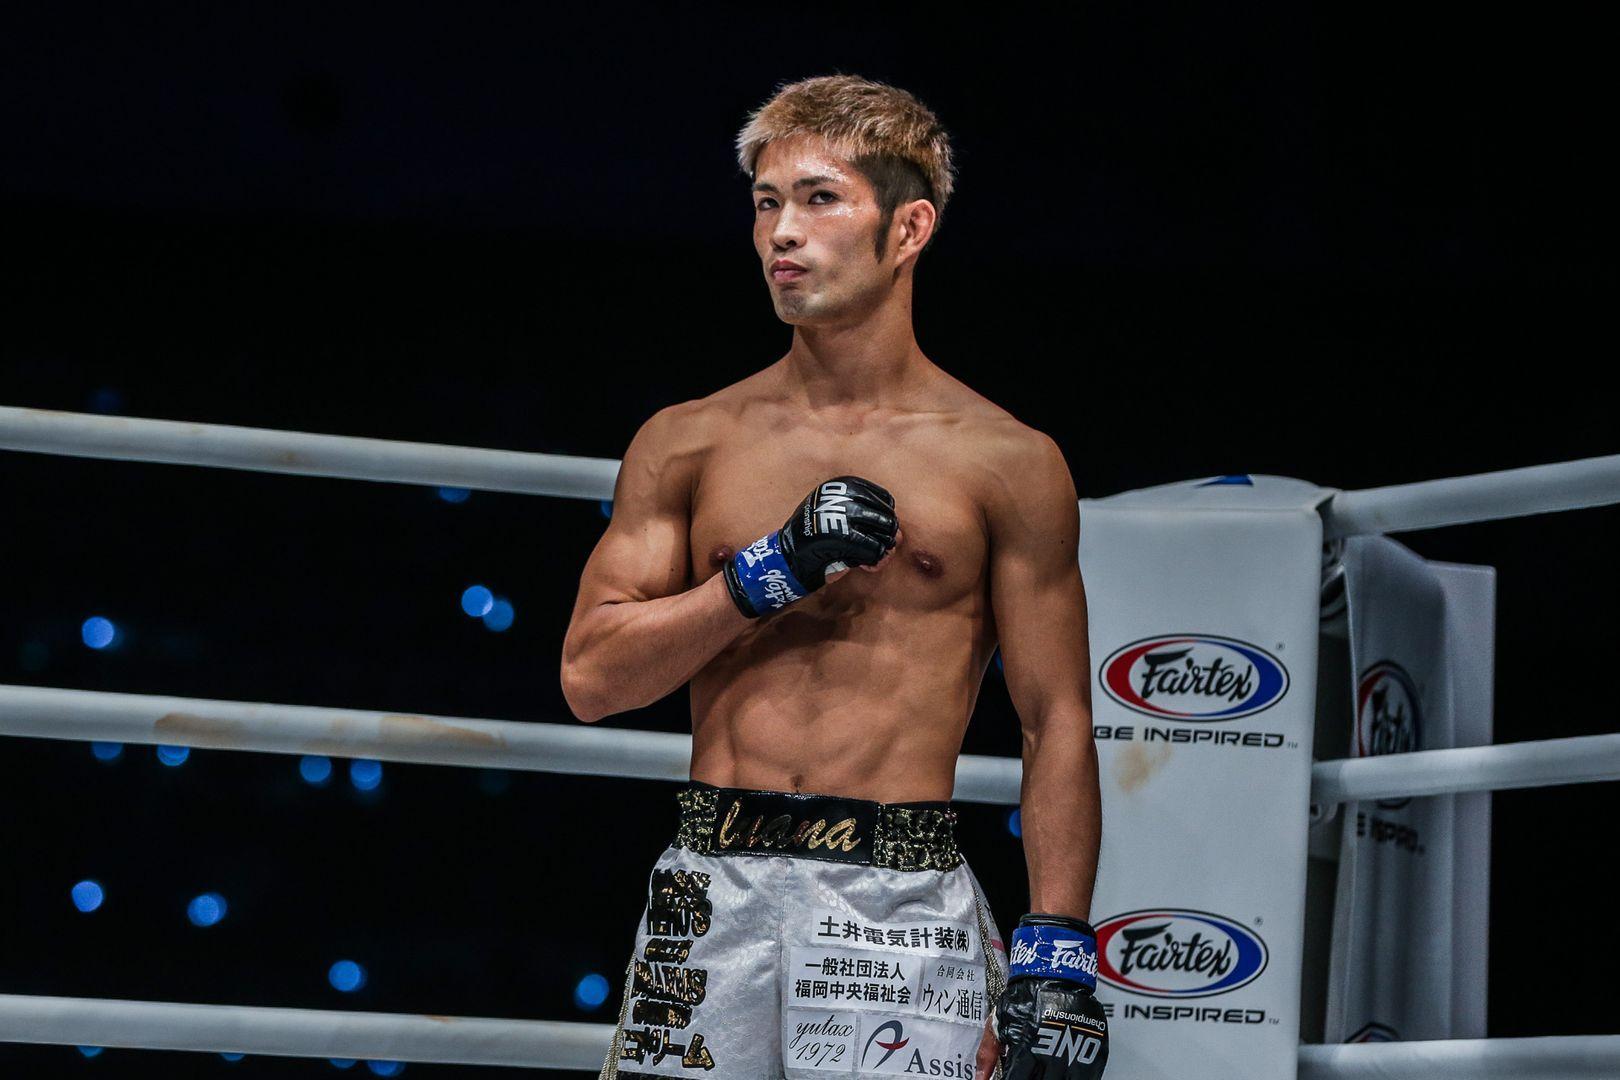 Japanese Muay Thai fighter Momotaro